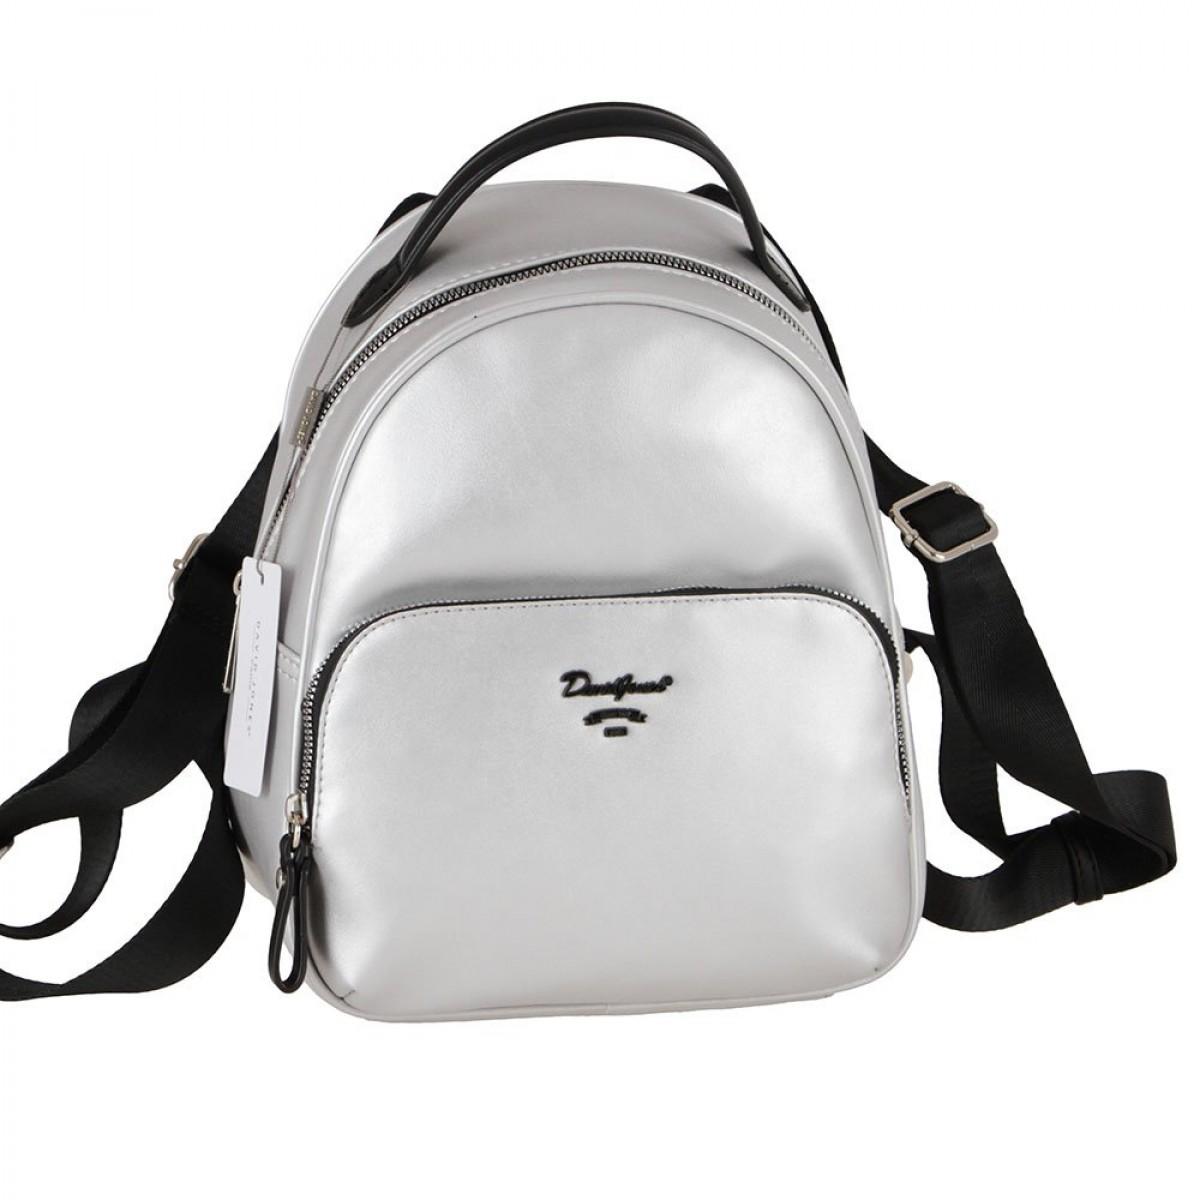 Жіночий рюкзак David Jones 6513-3A SILVER